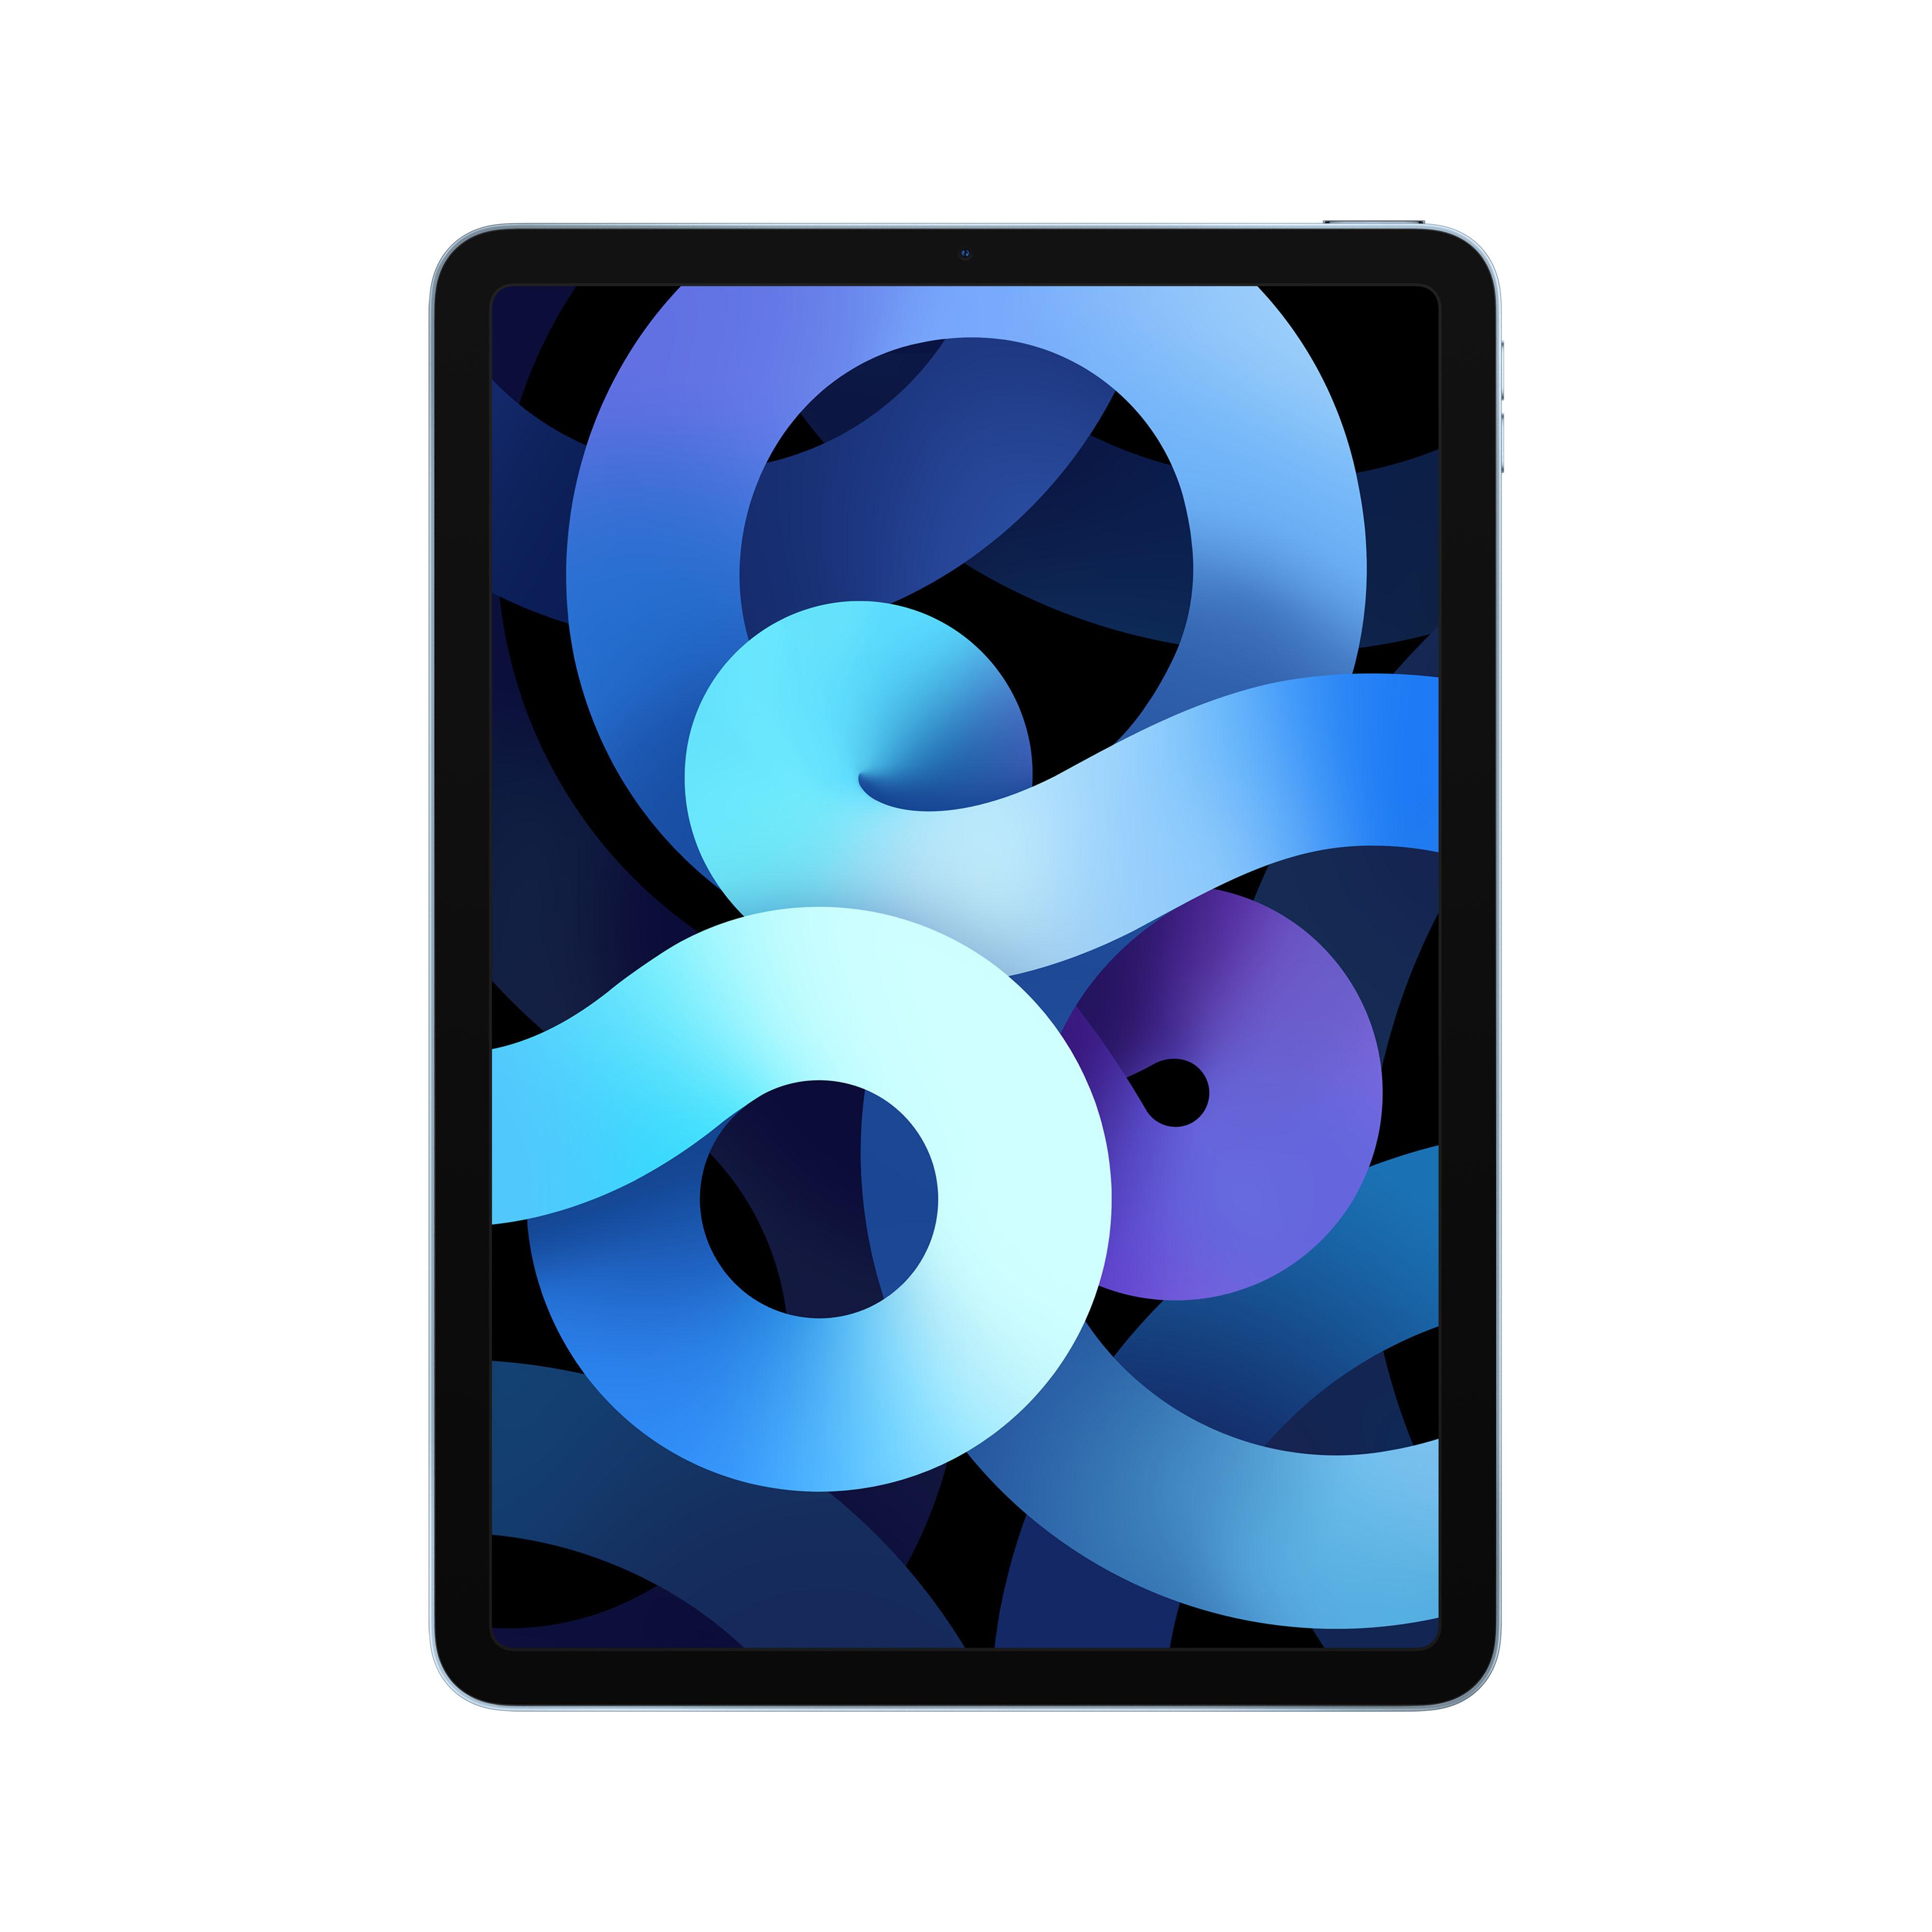 Apple - 10.9-inch iPad Air Wi-Fi 256GB - Sky Blue Myfy2ty/a